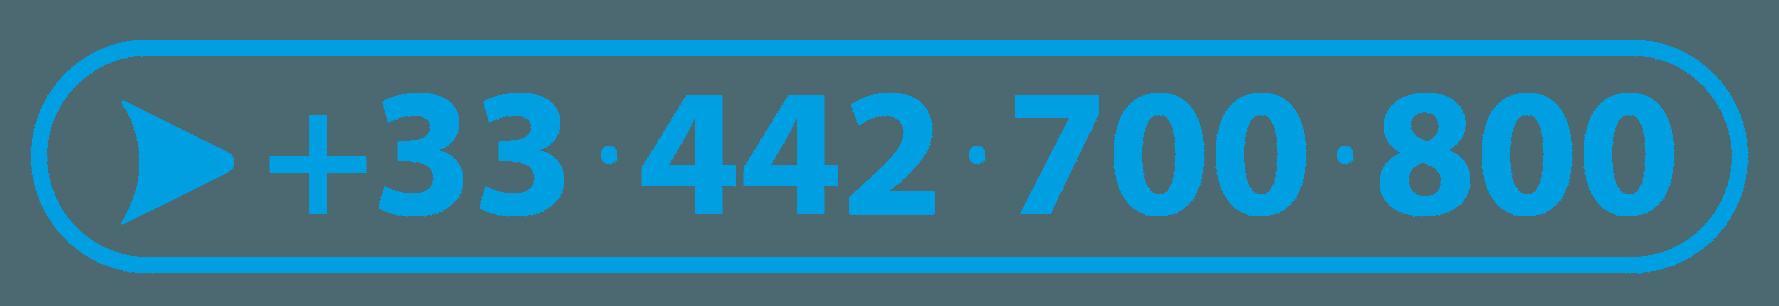 numerotez belgique et luxembourg